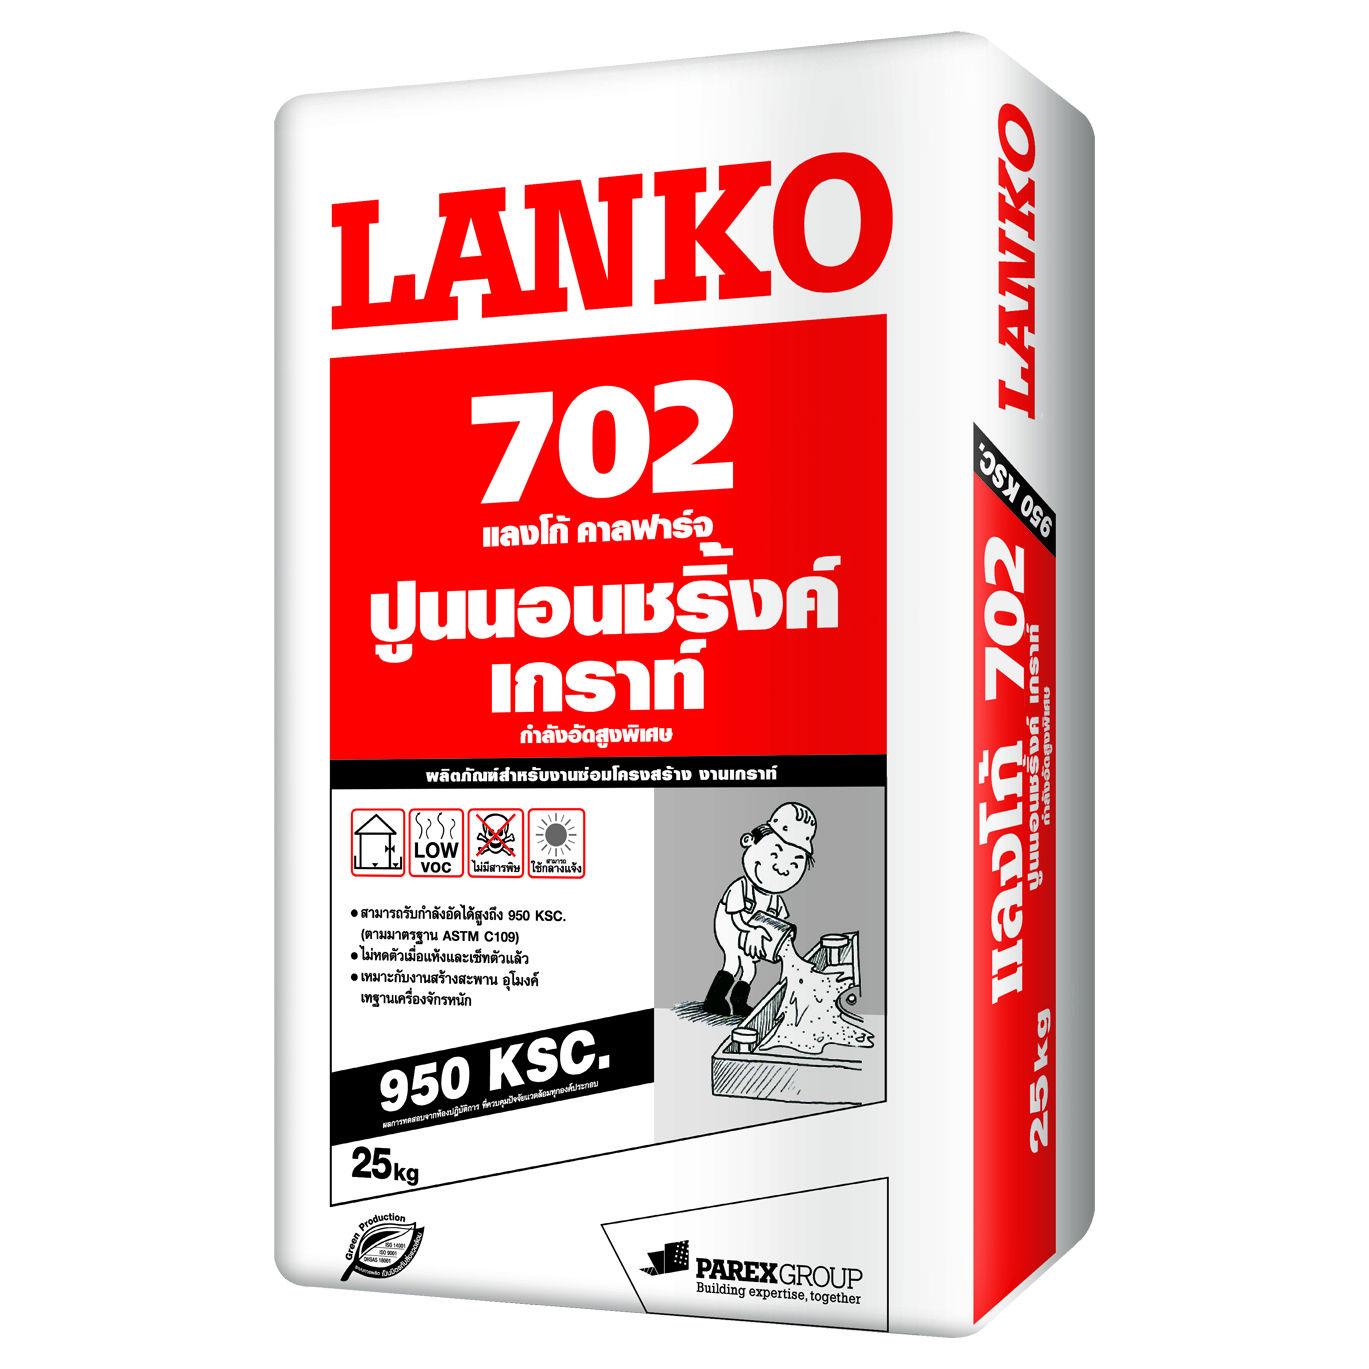 LANKO 702